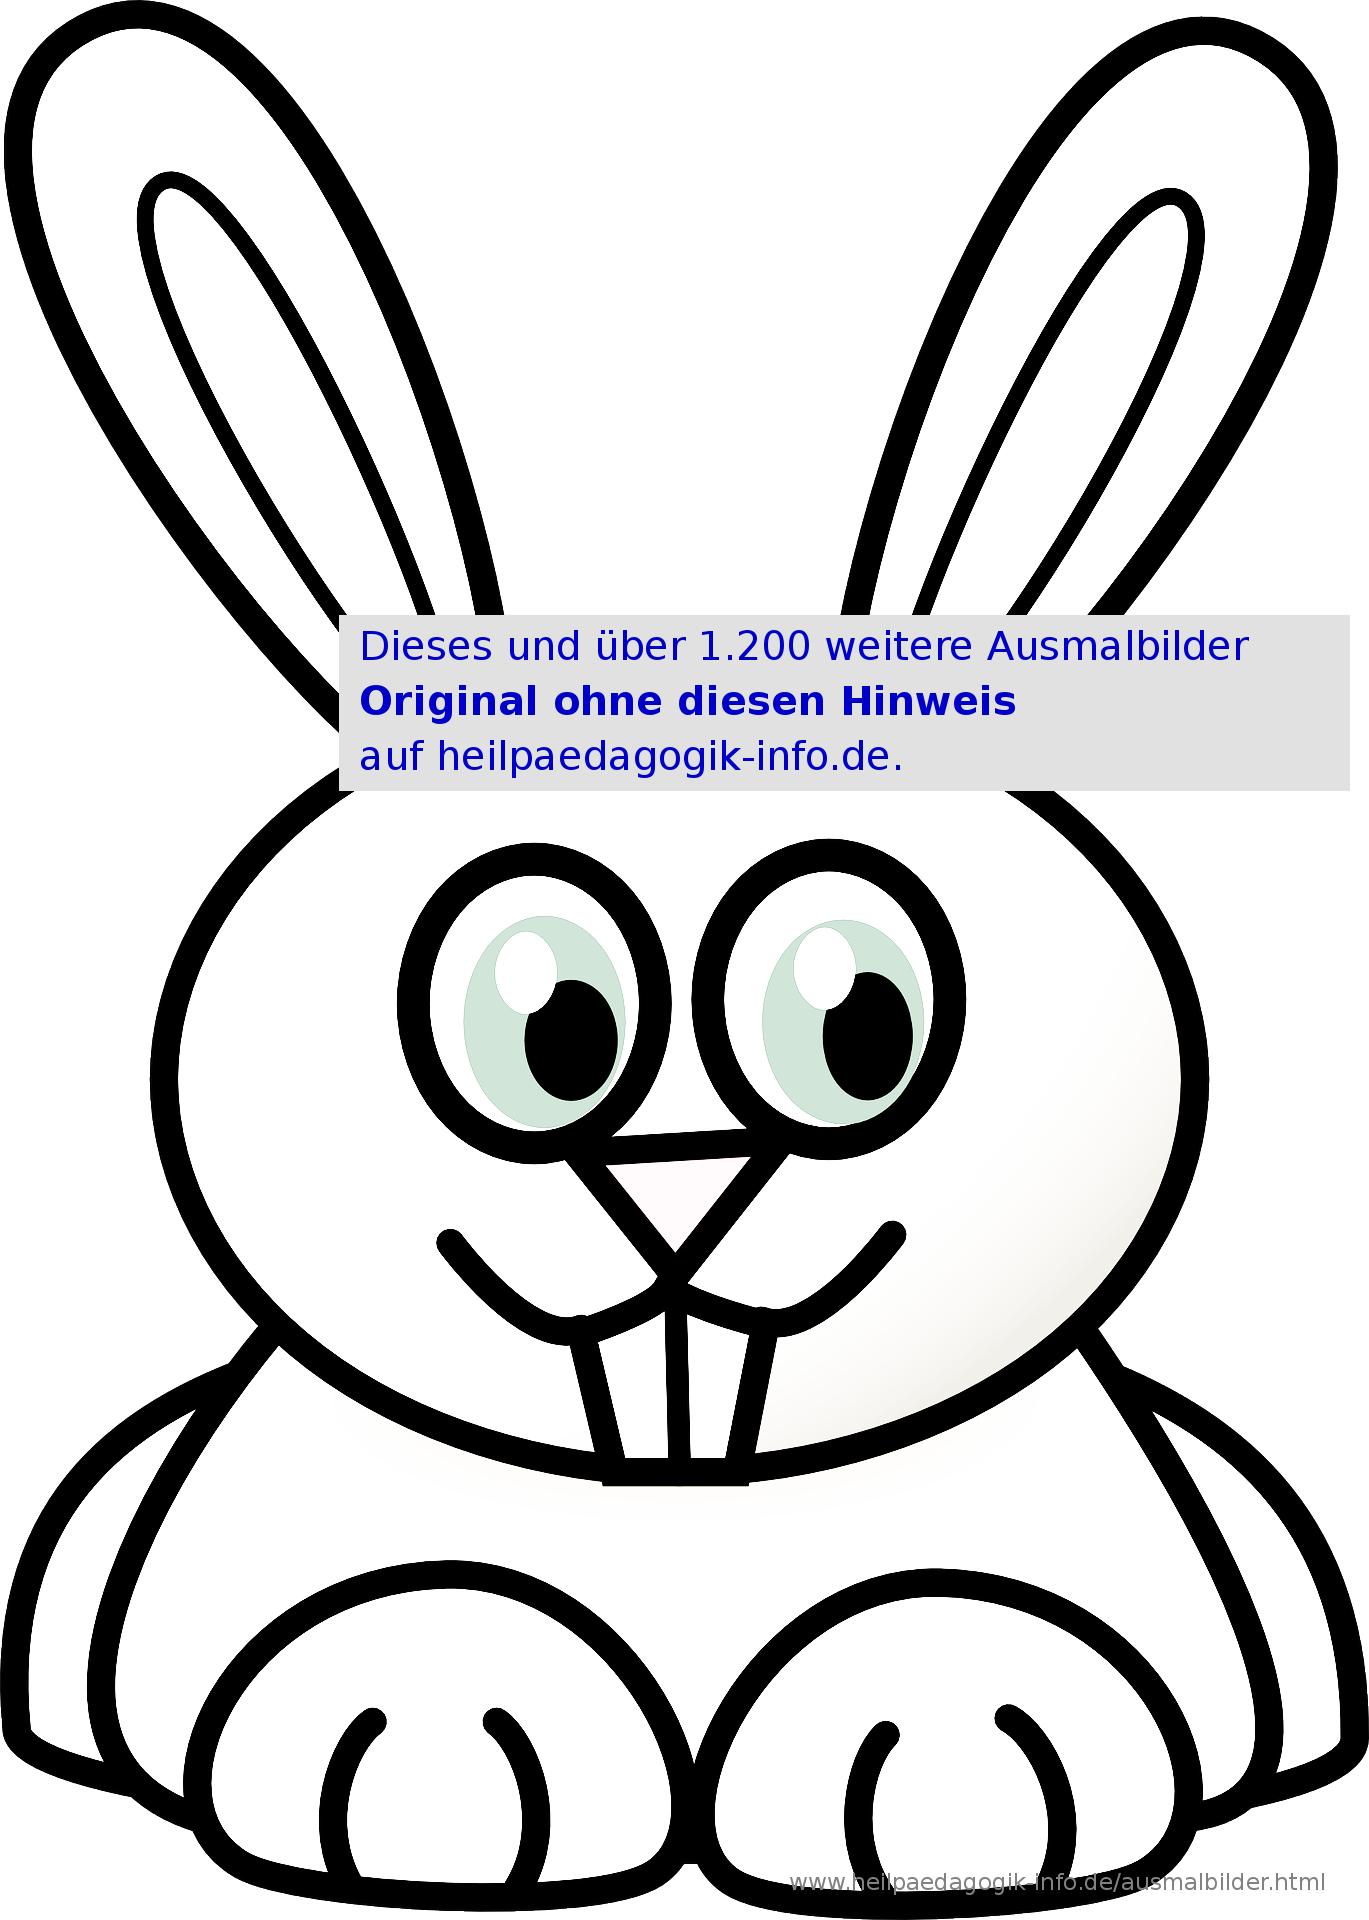 Ausmalbilder Hasen verwandt mit Hasen Malvorlage